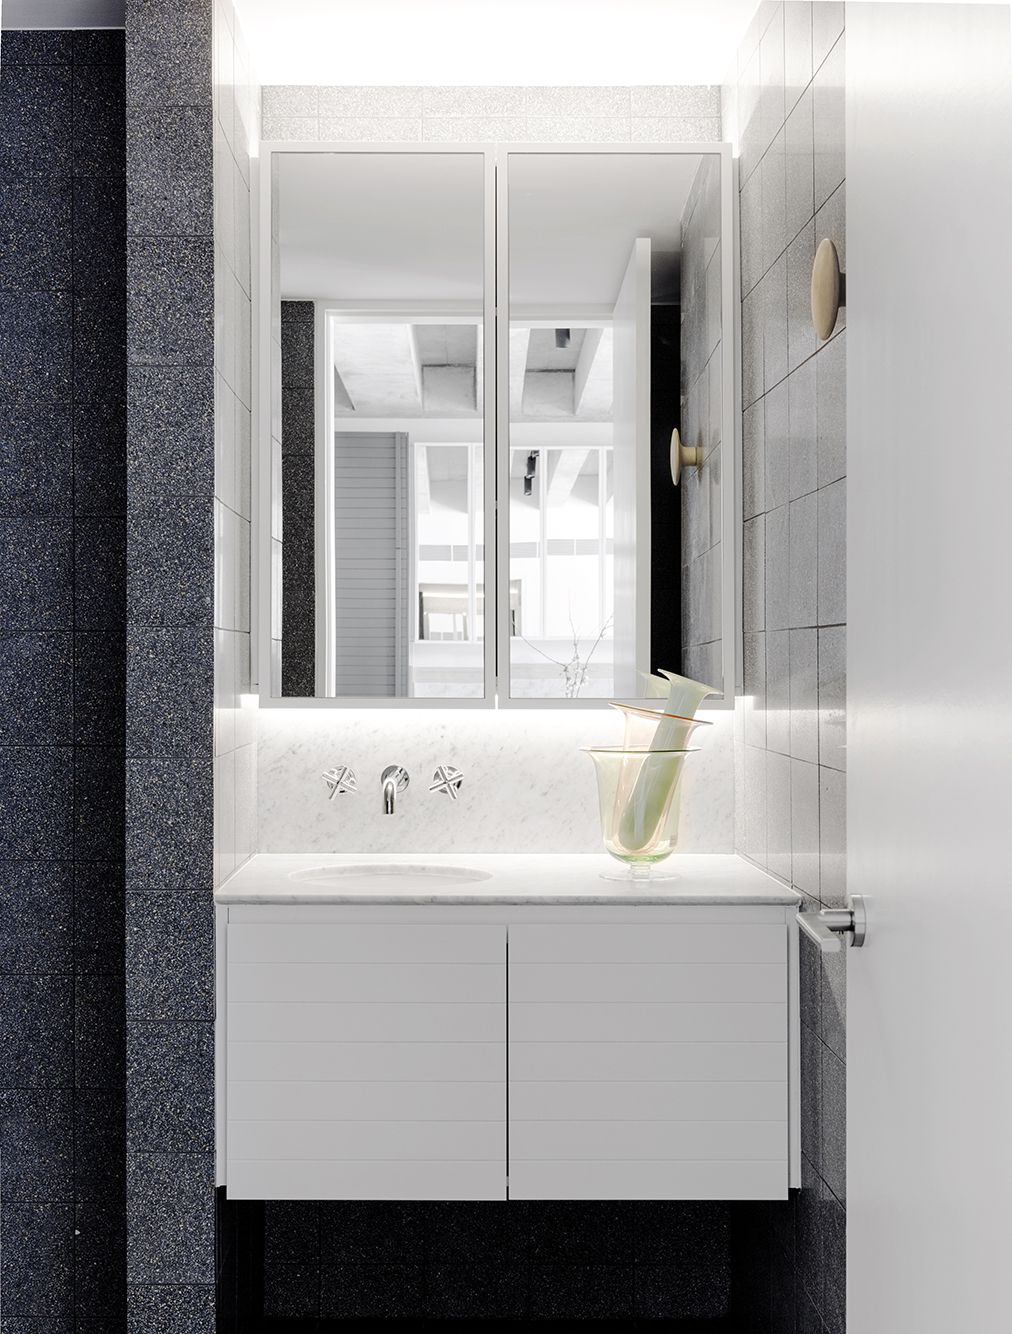 41 Birmingham Street bathroom vanity. | Residential | Pinterest ...